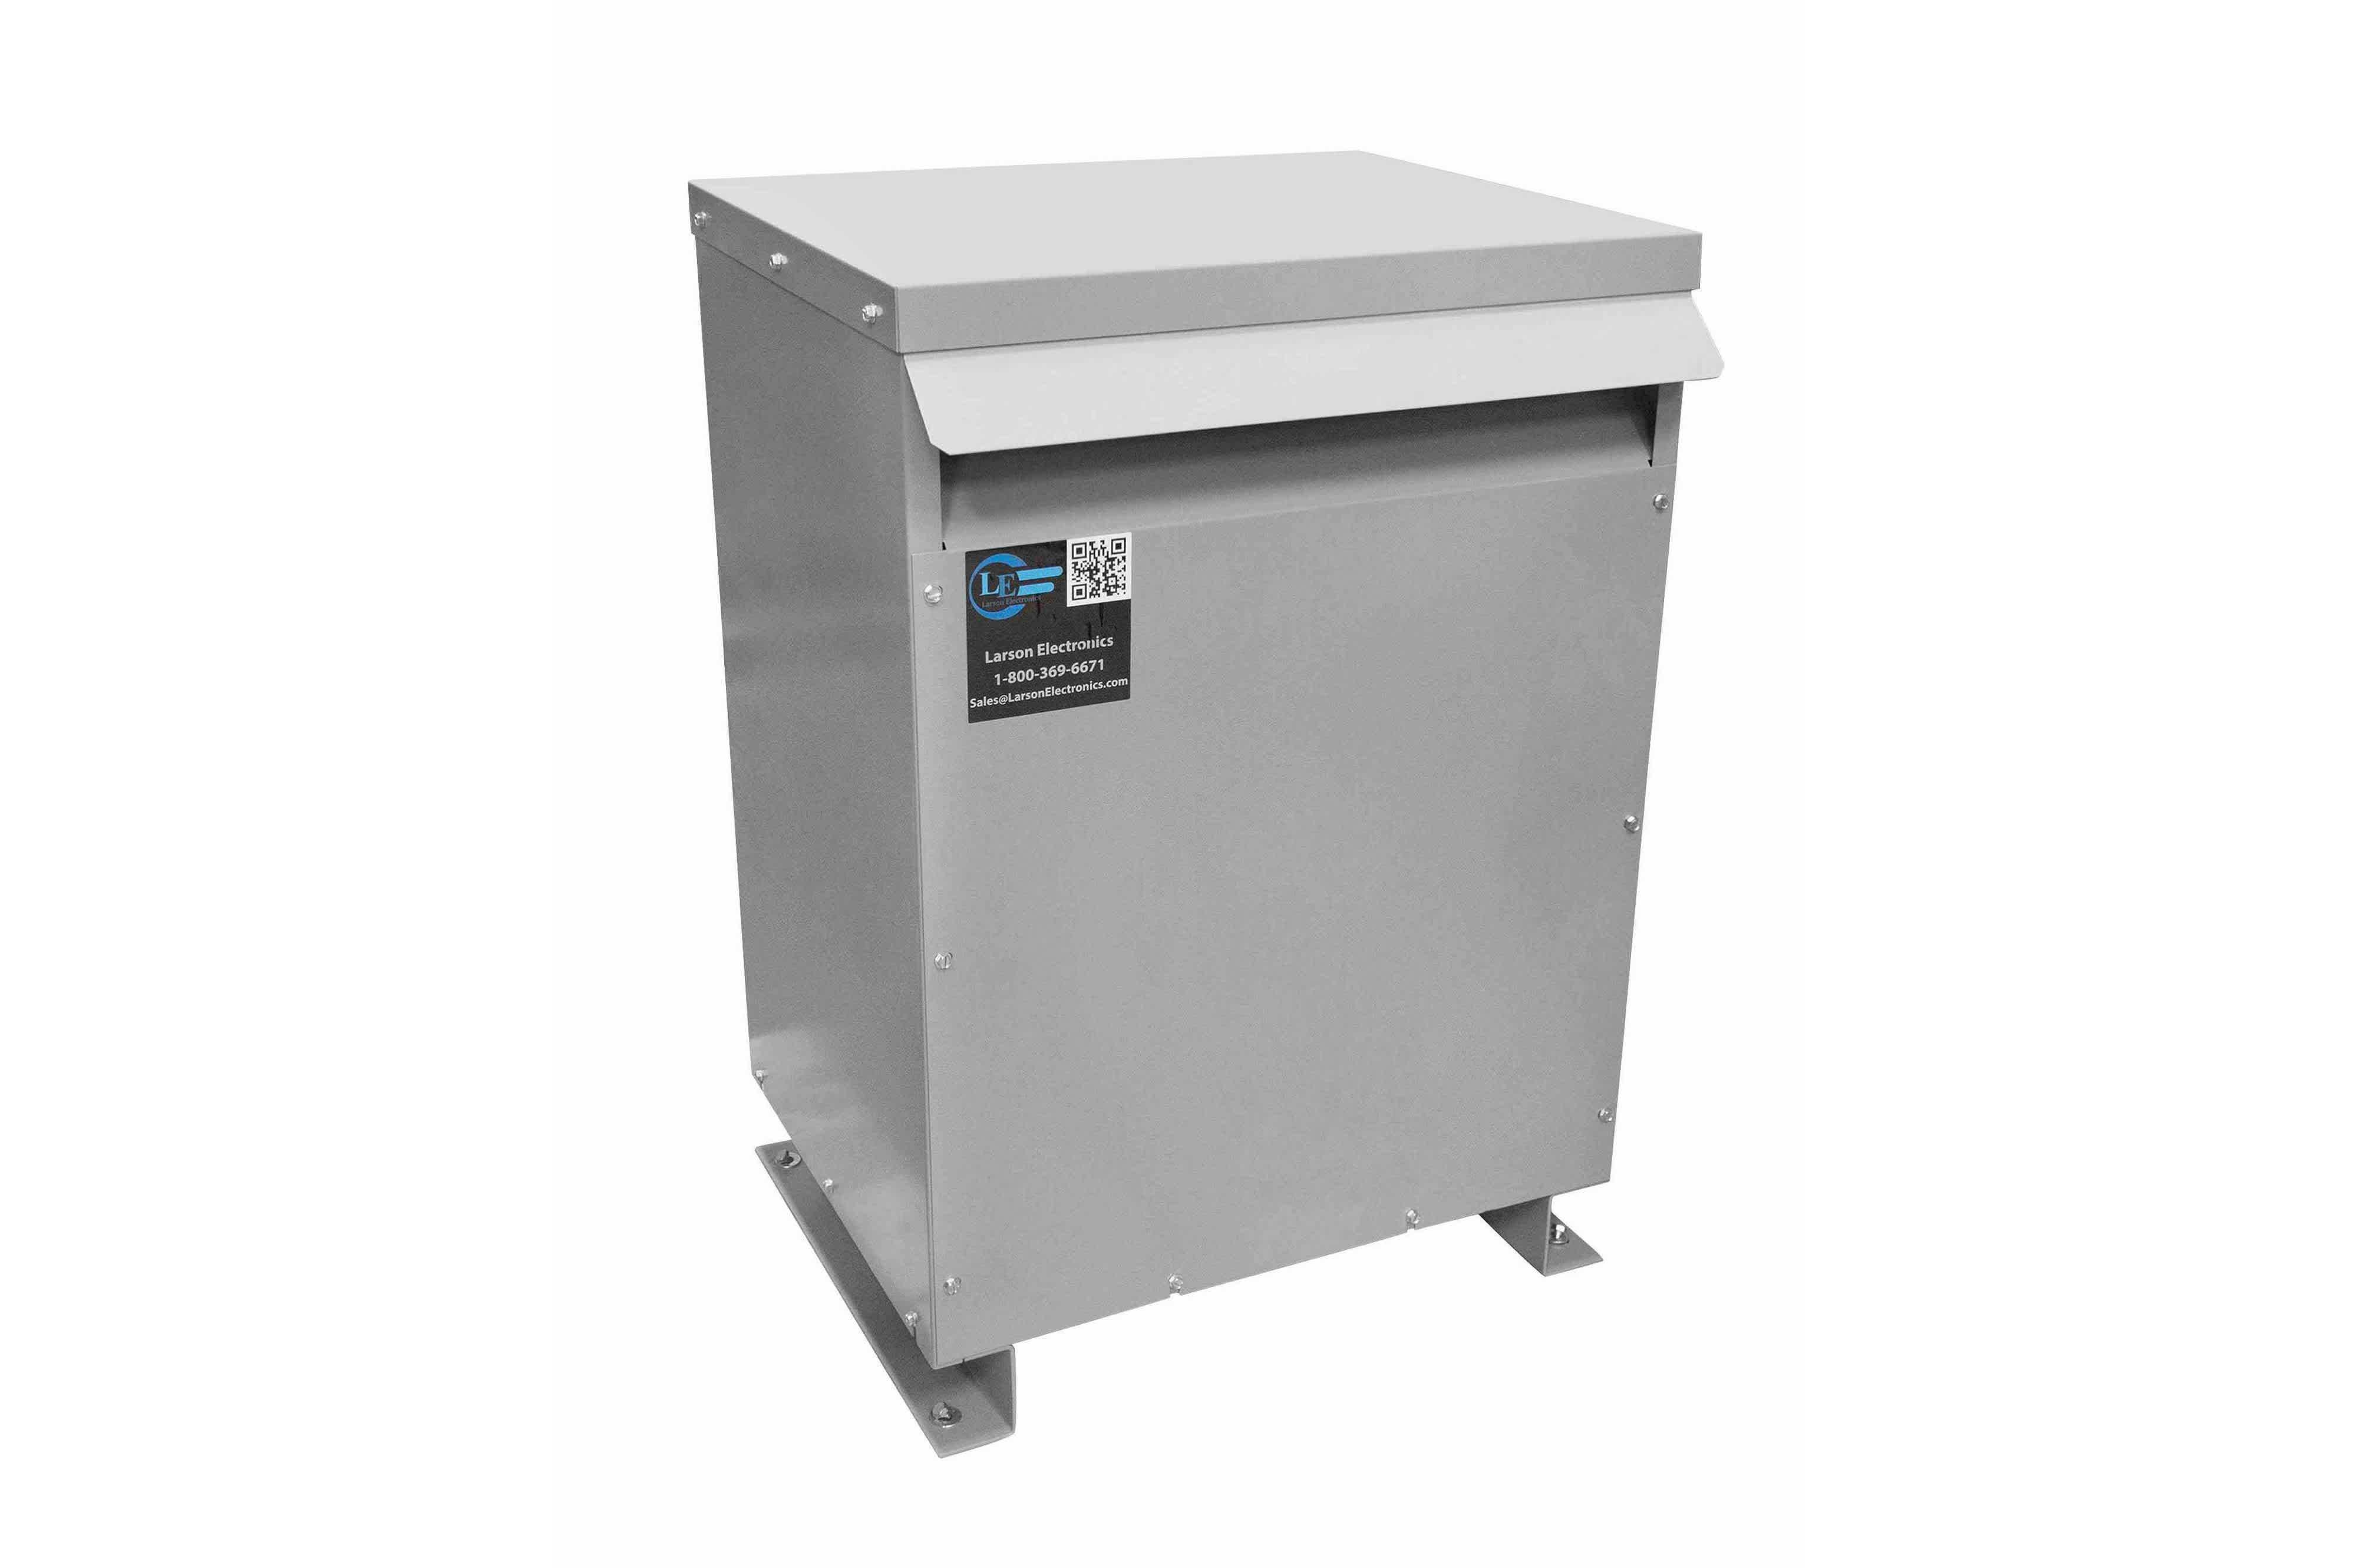 52.5 kVA 3PH Isolation Transformer, 600V Delta Primary, 460V Delta Secondary, N3R, Ventilated, 60 Hz